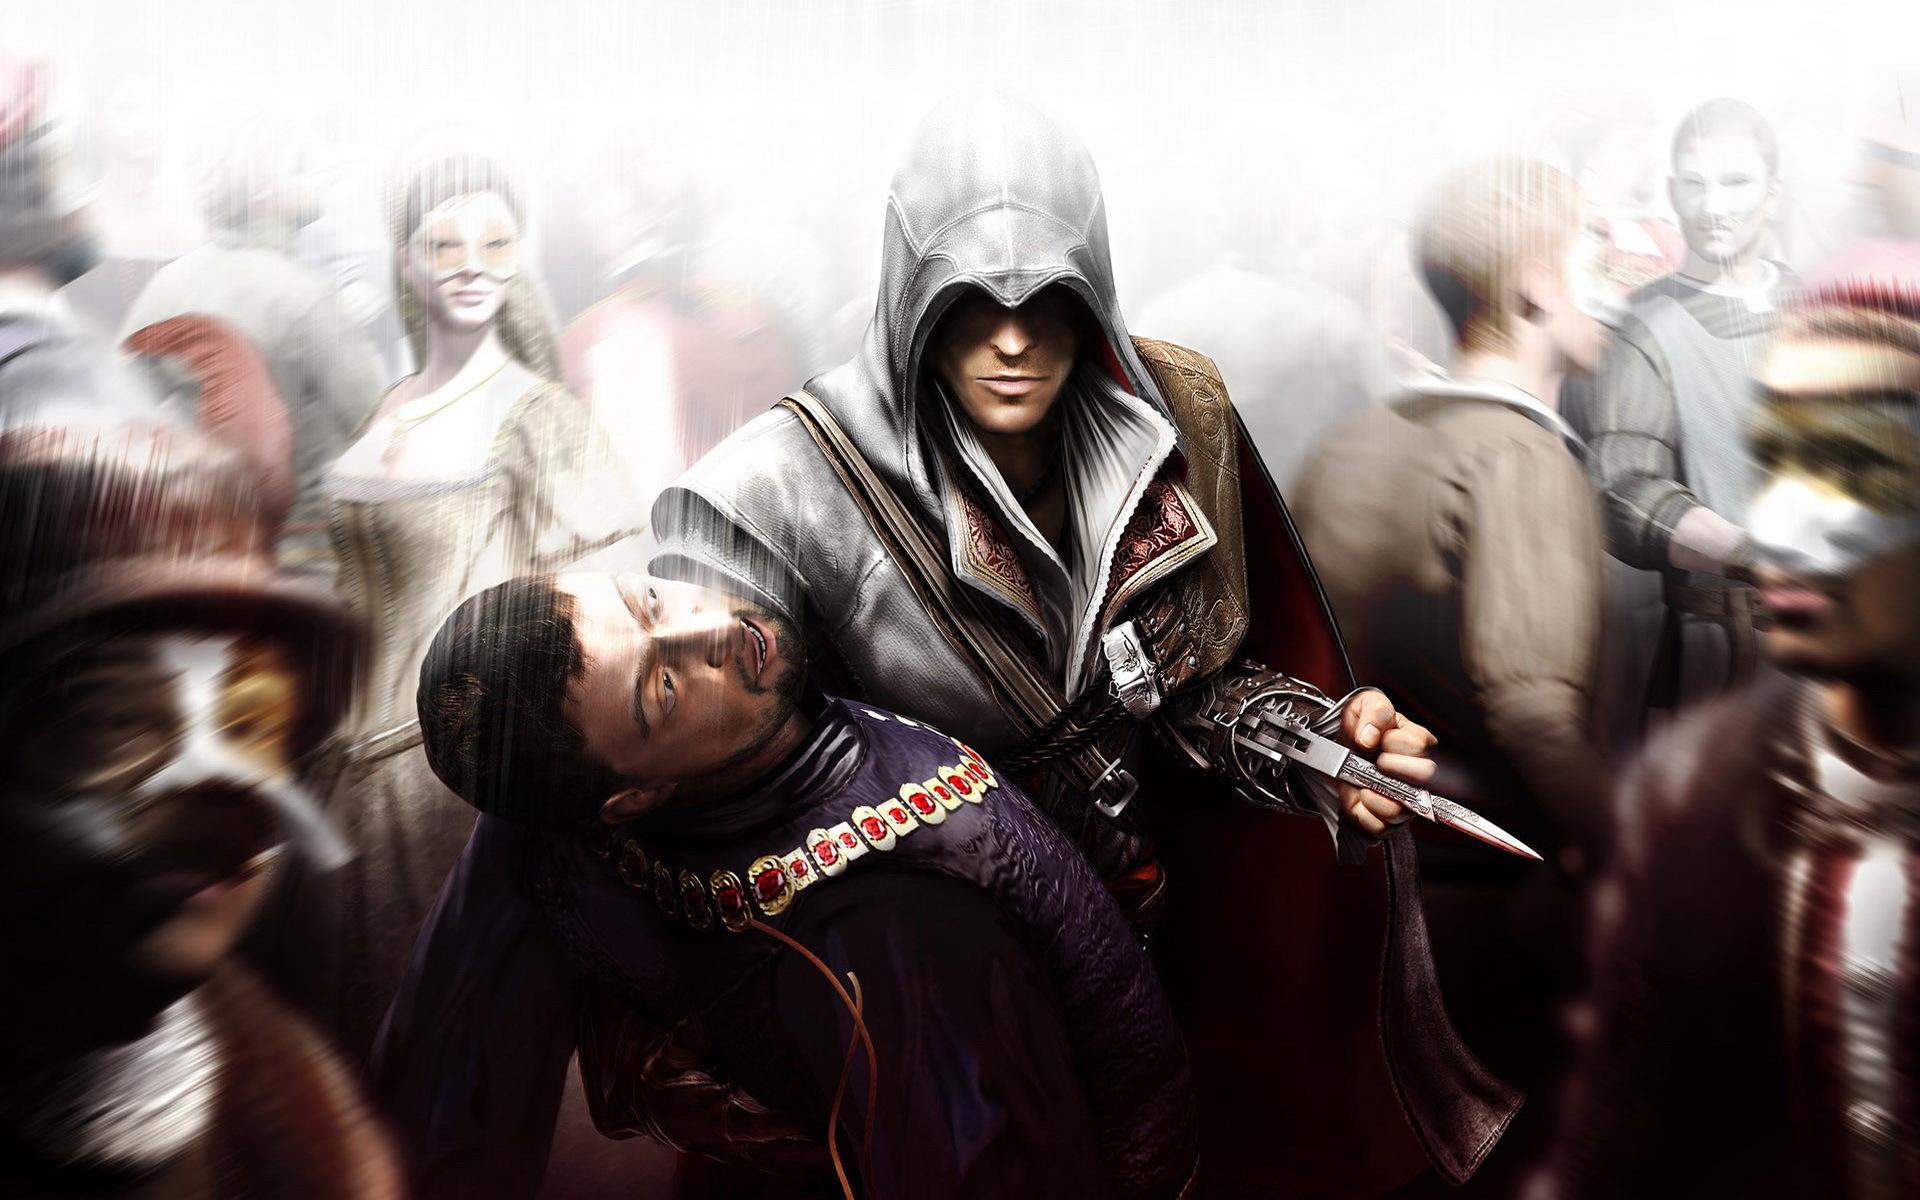 10391 скачать обои Игры, Кредо Убийцы (Assassin's Creed) - заставки и картинки бесплатно